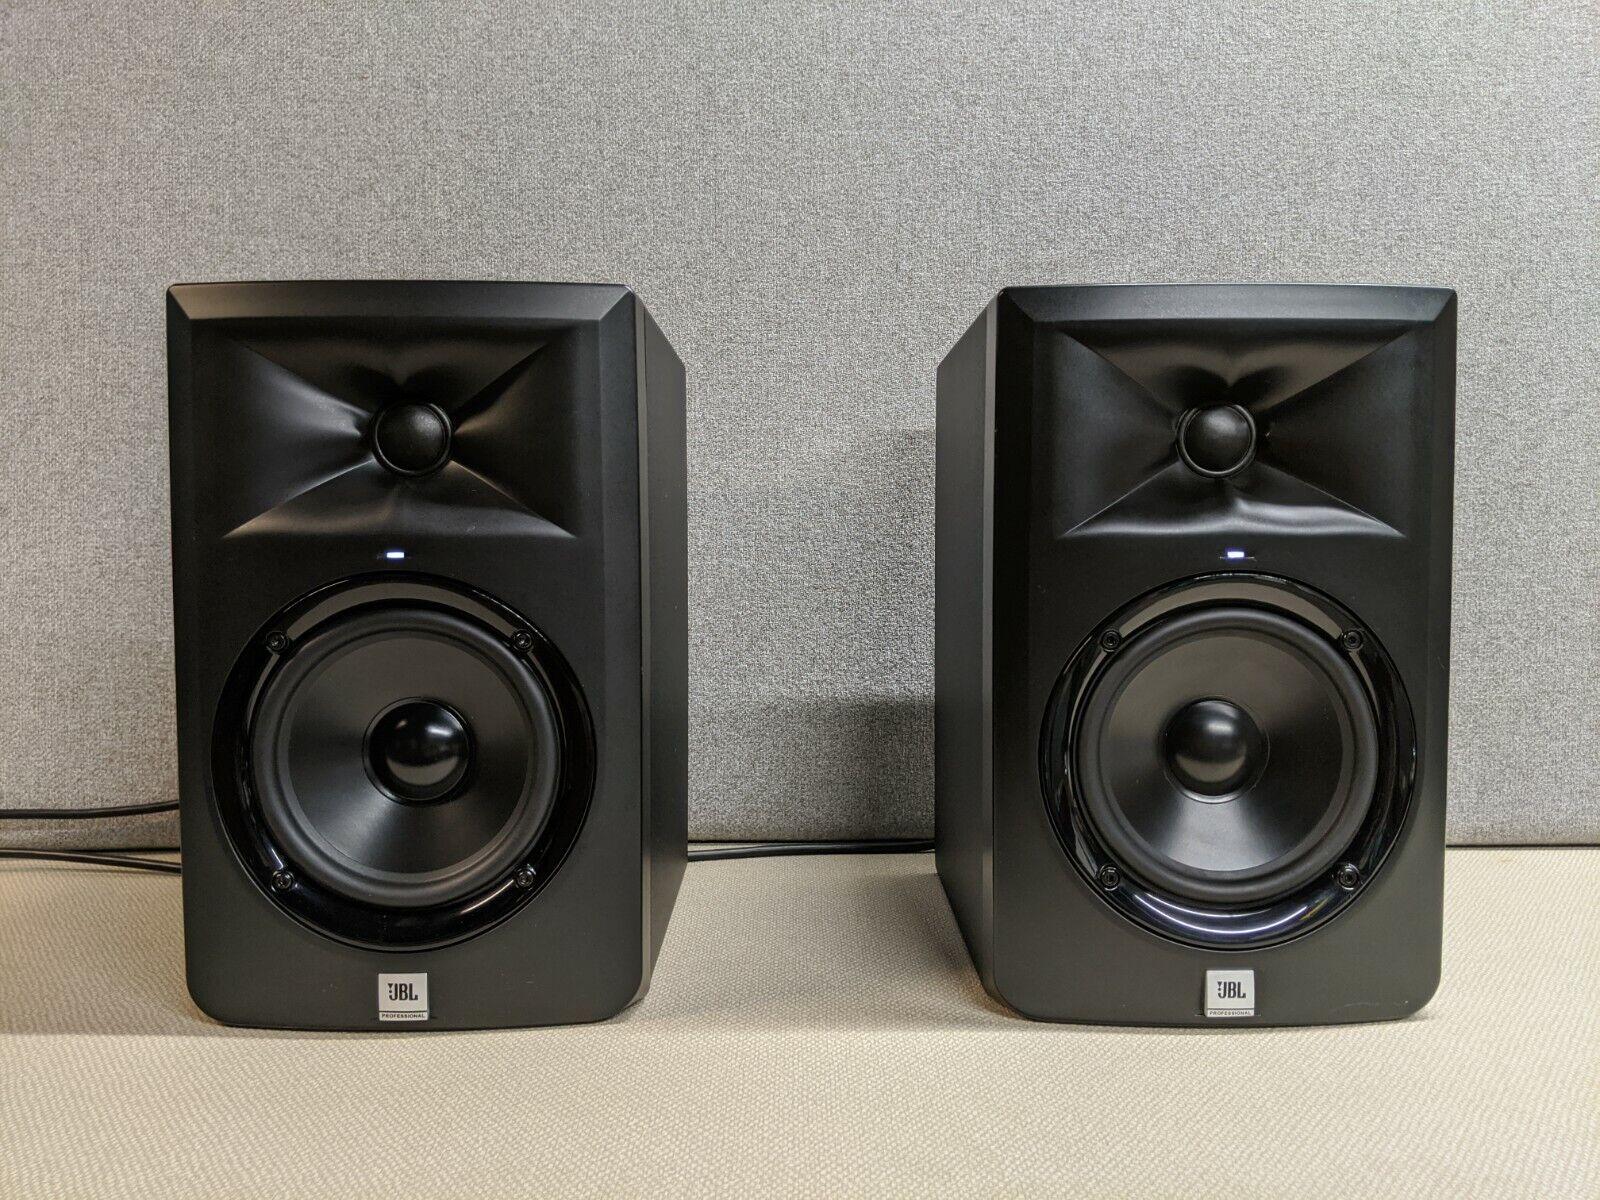 JBL LSR 305 LSR305 Series 3 Powered Studio Monitor Speakers Black, Pair - $150.00